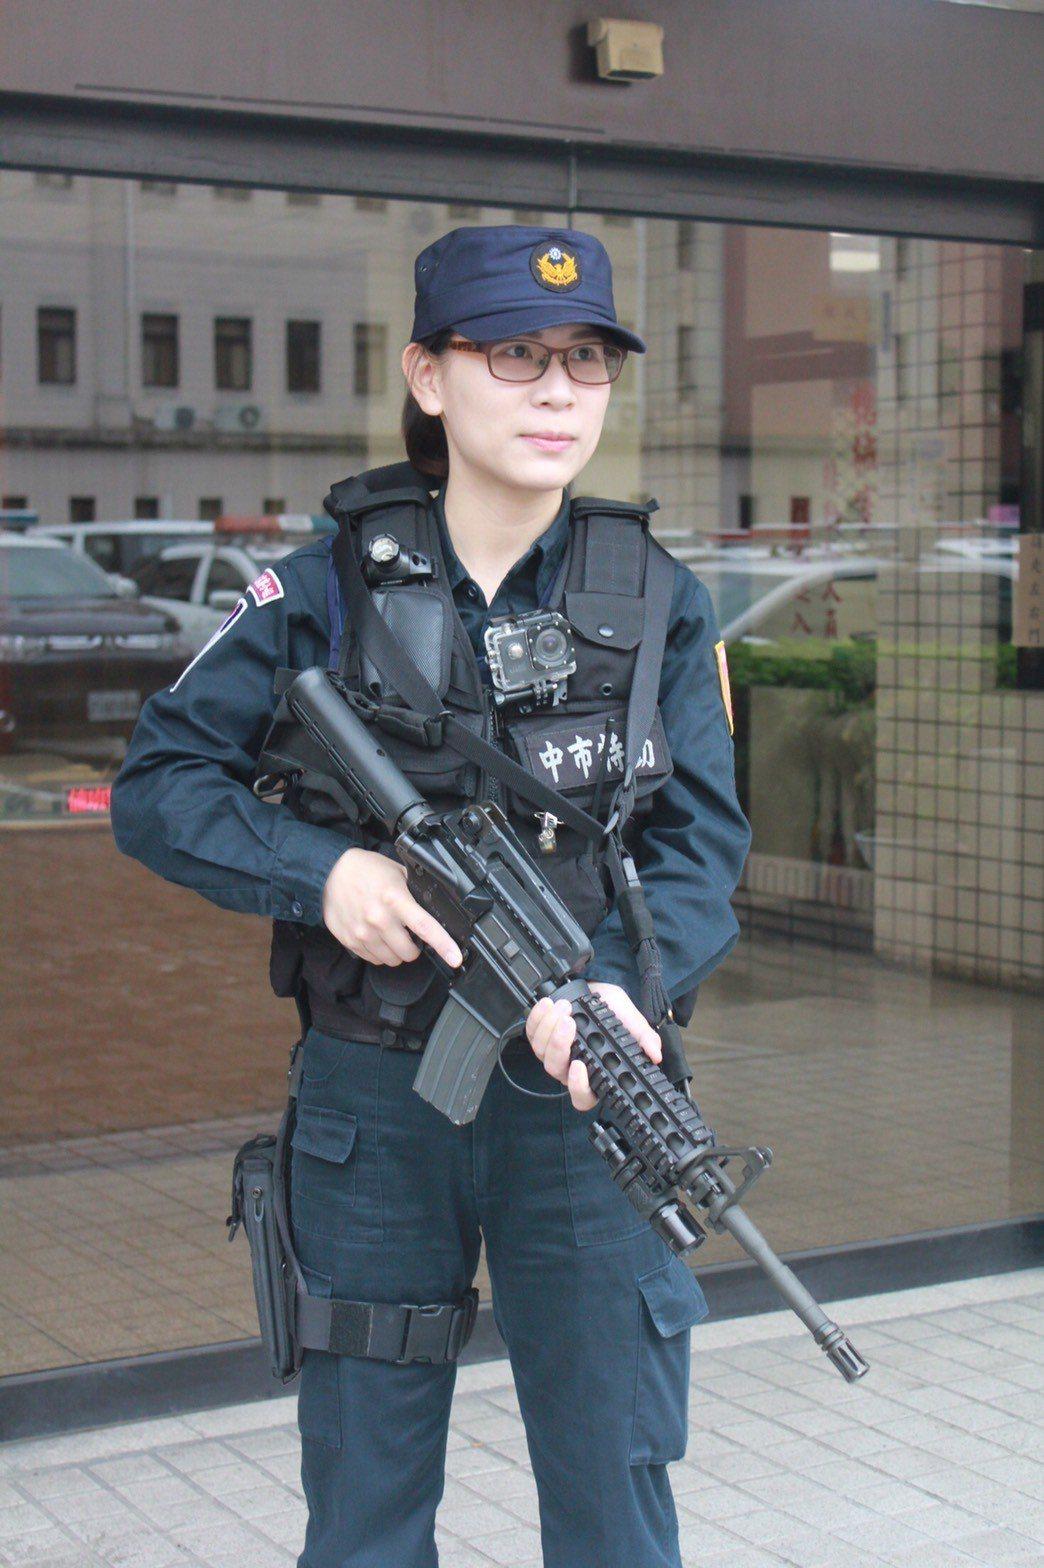 台中市保安警察大隊特勤中隊員王云黔是隊上唯一的女隊員。記者陳宏睿/攝影